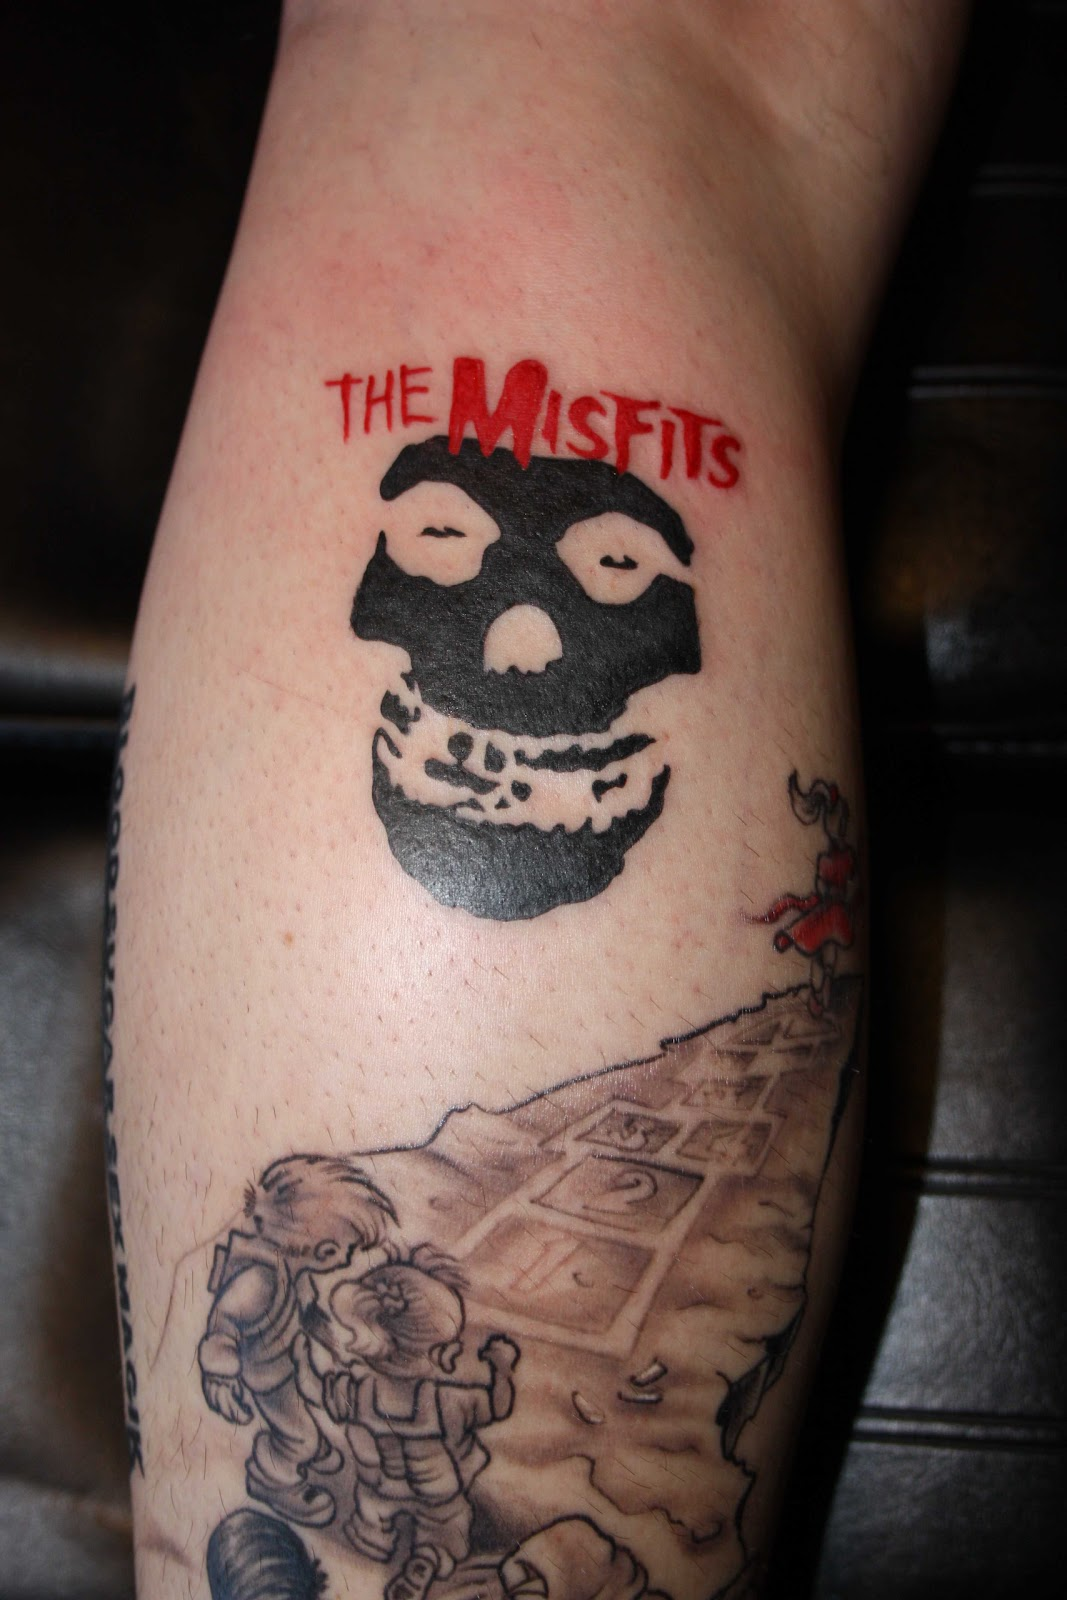 http://2.bp.blogspot.com/_AKx4l1UF2TE/TNKpcKU_9pI/AAAAAAAAAo4/mIJCetj9-zk/s1600/tattoo%20016.jpg